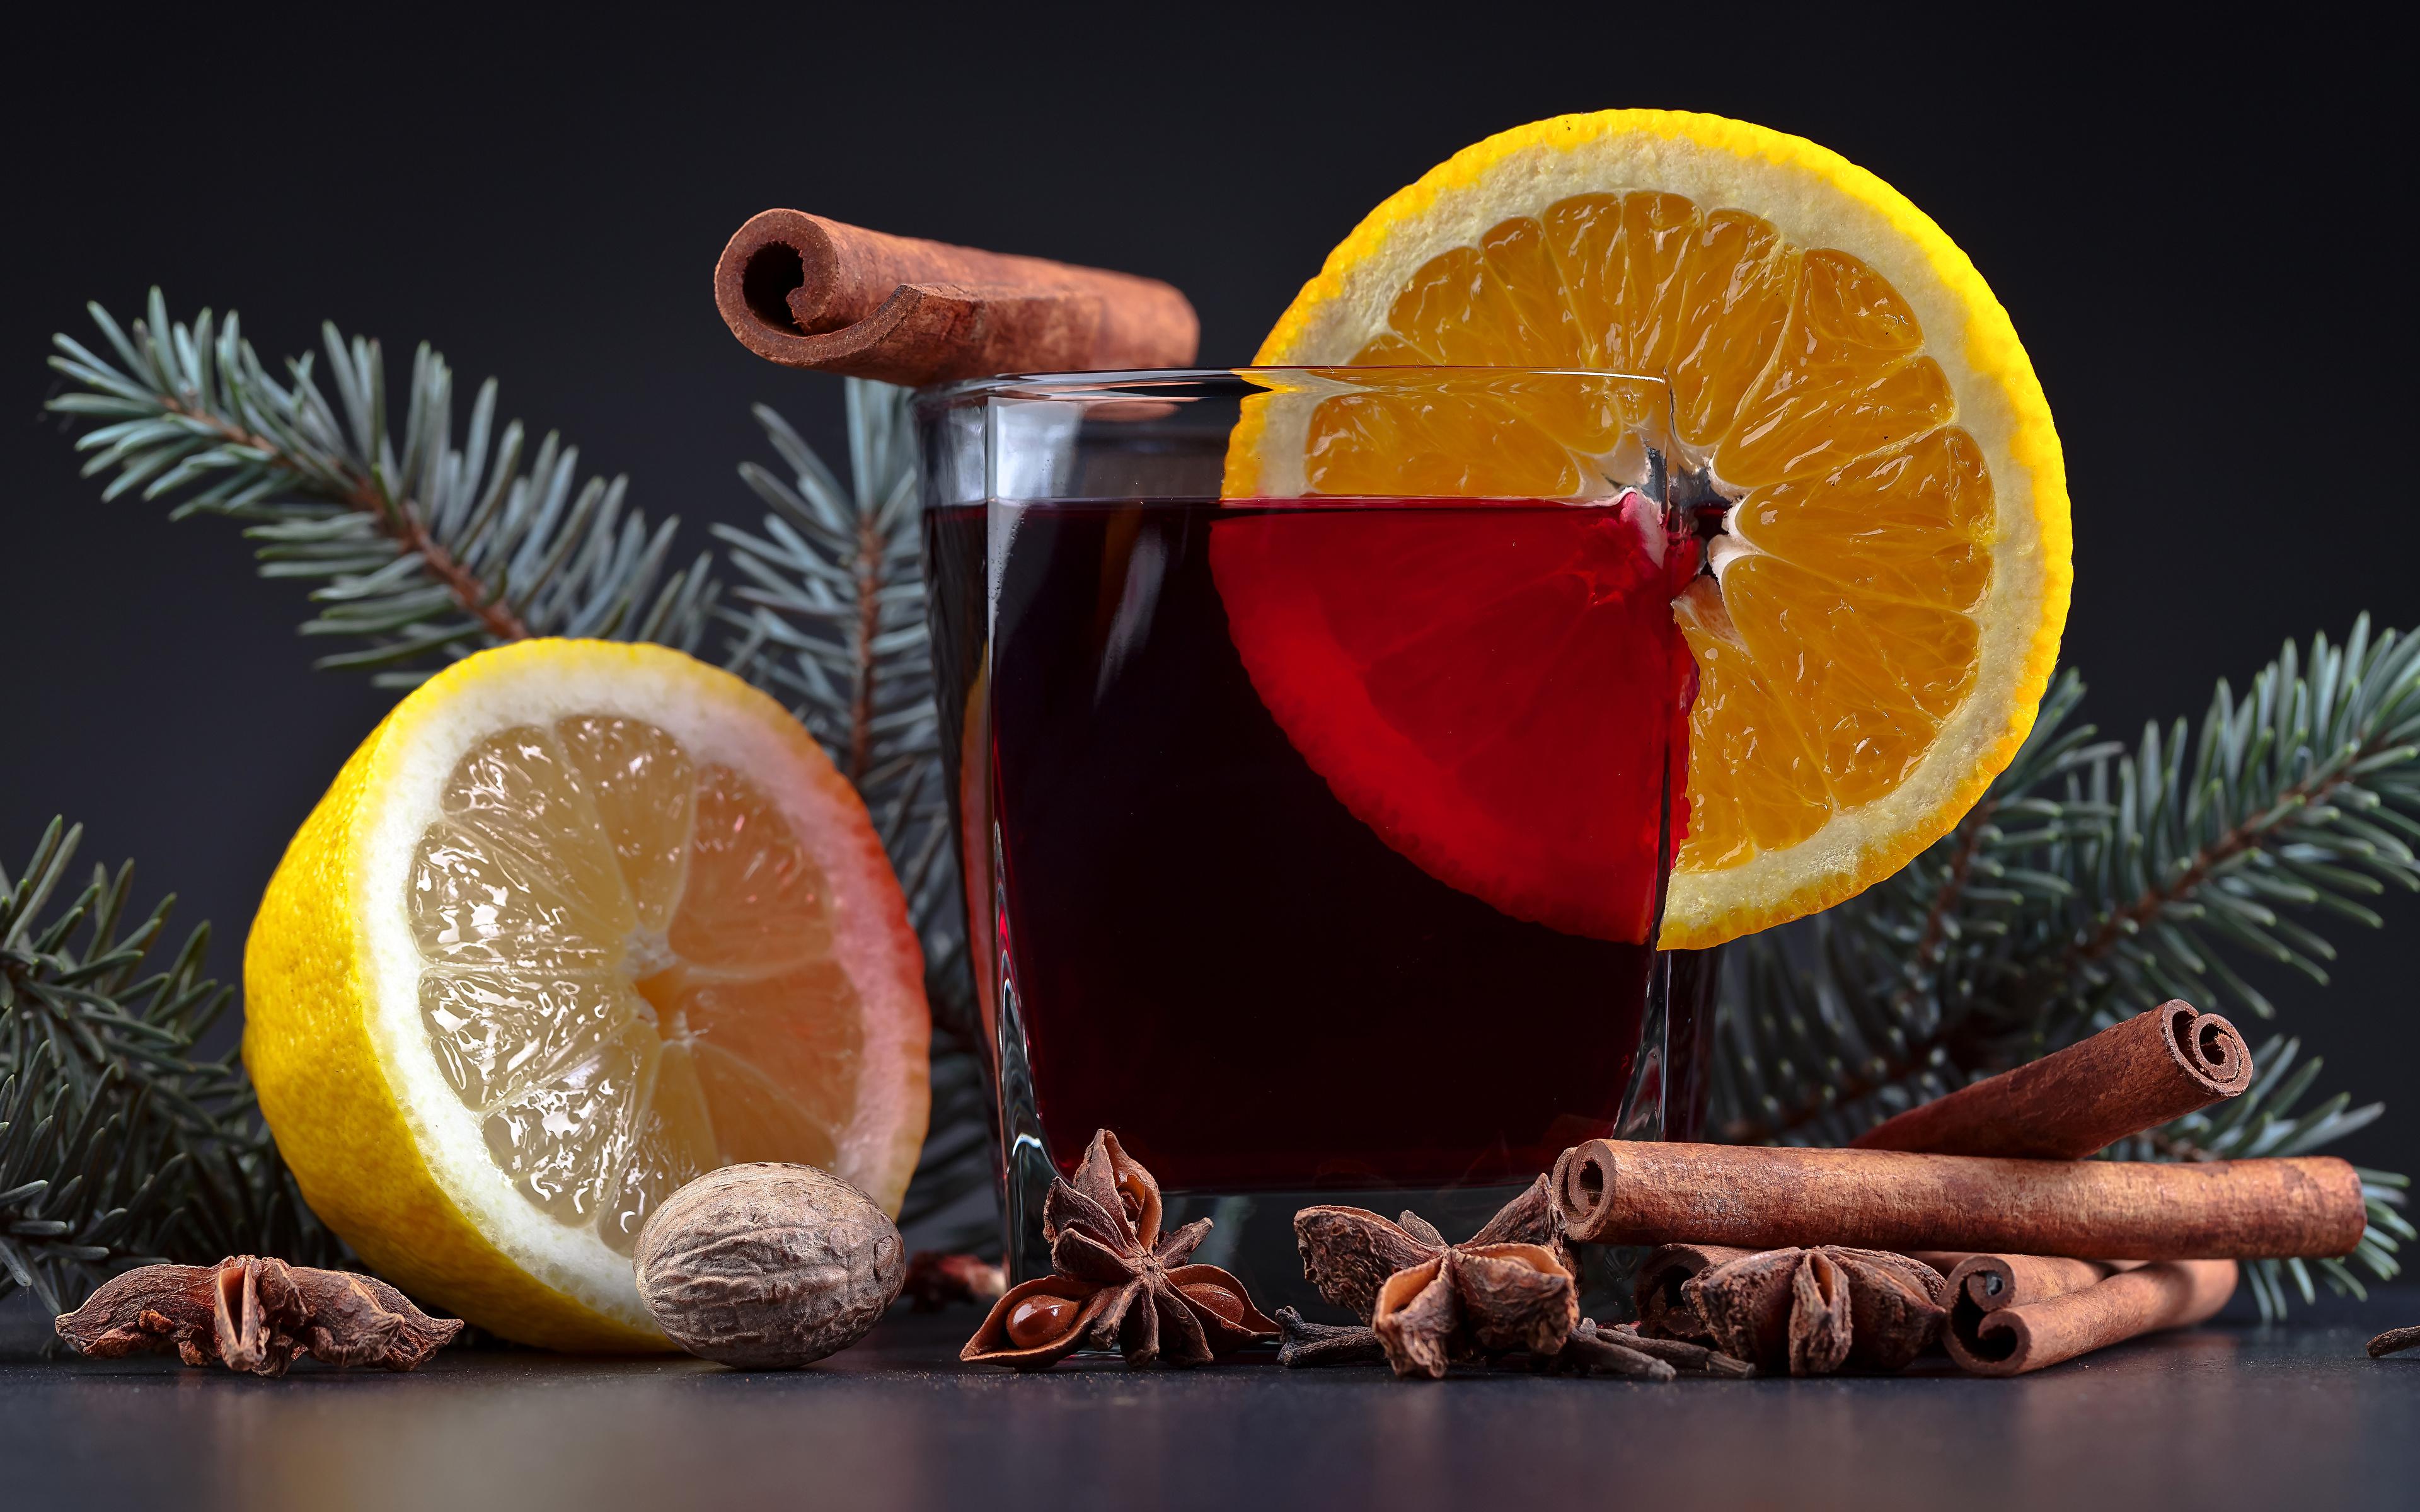 Фотография Новый год Лимоны Корица стакане Еда Напитки 3840x2400 Рождество Стакан стакана Пища Продукты питания напиток